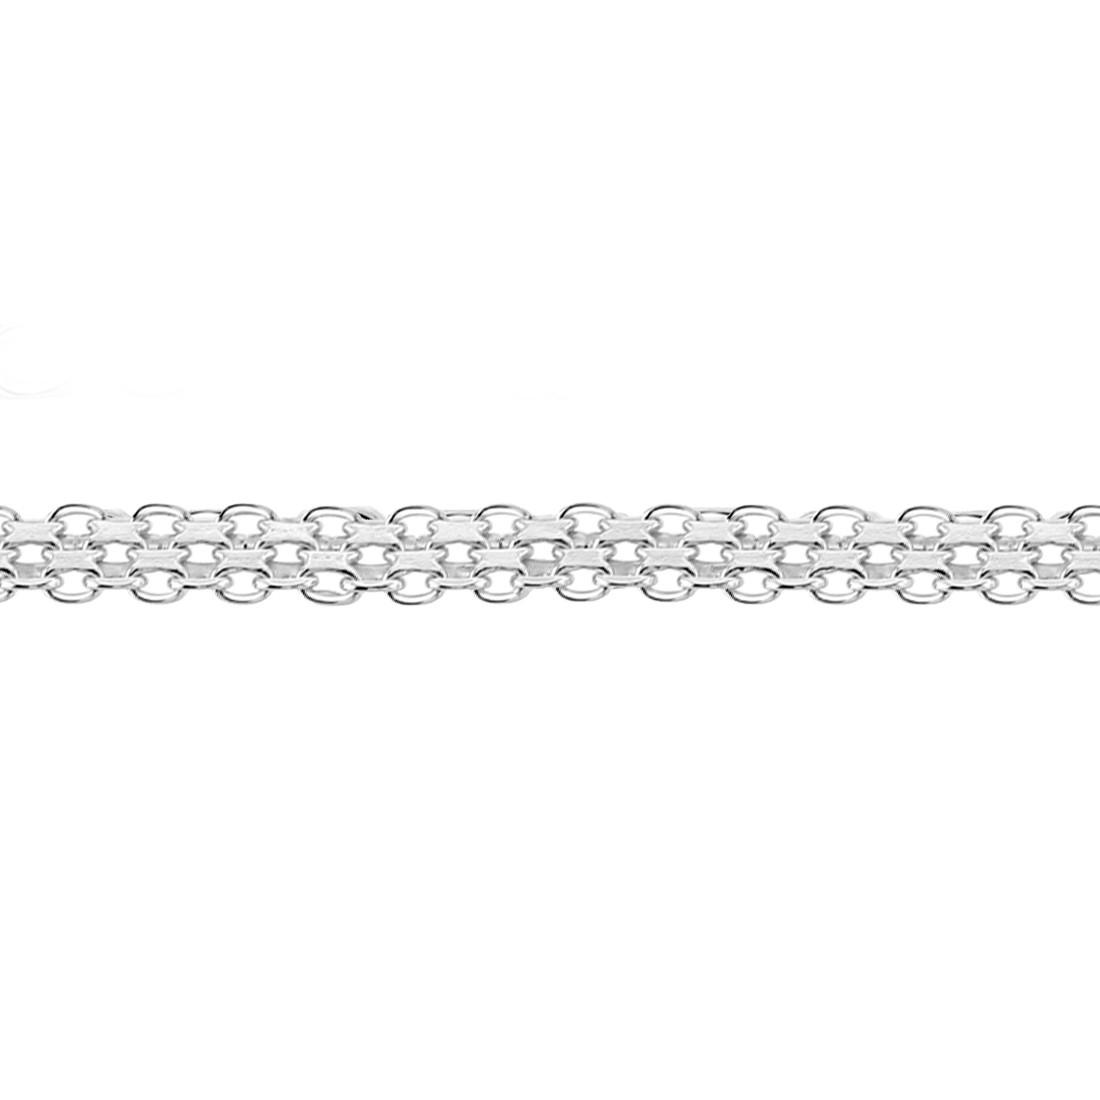 Bismark Chain